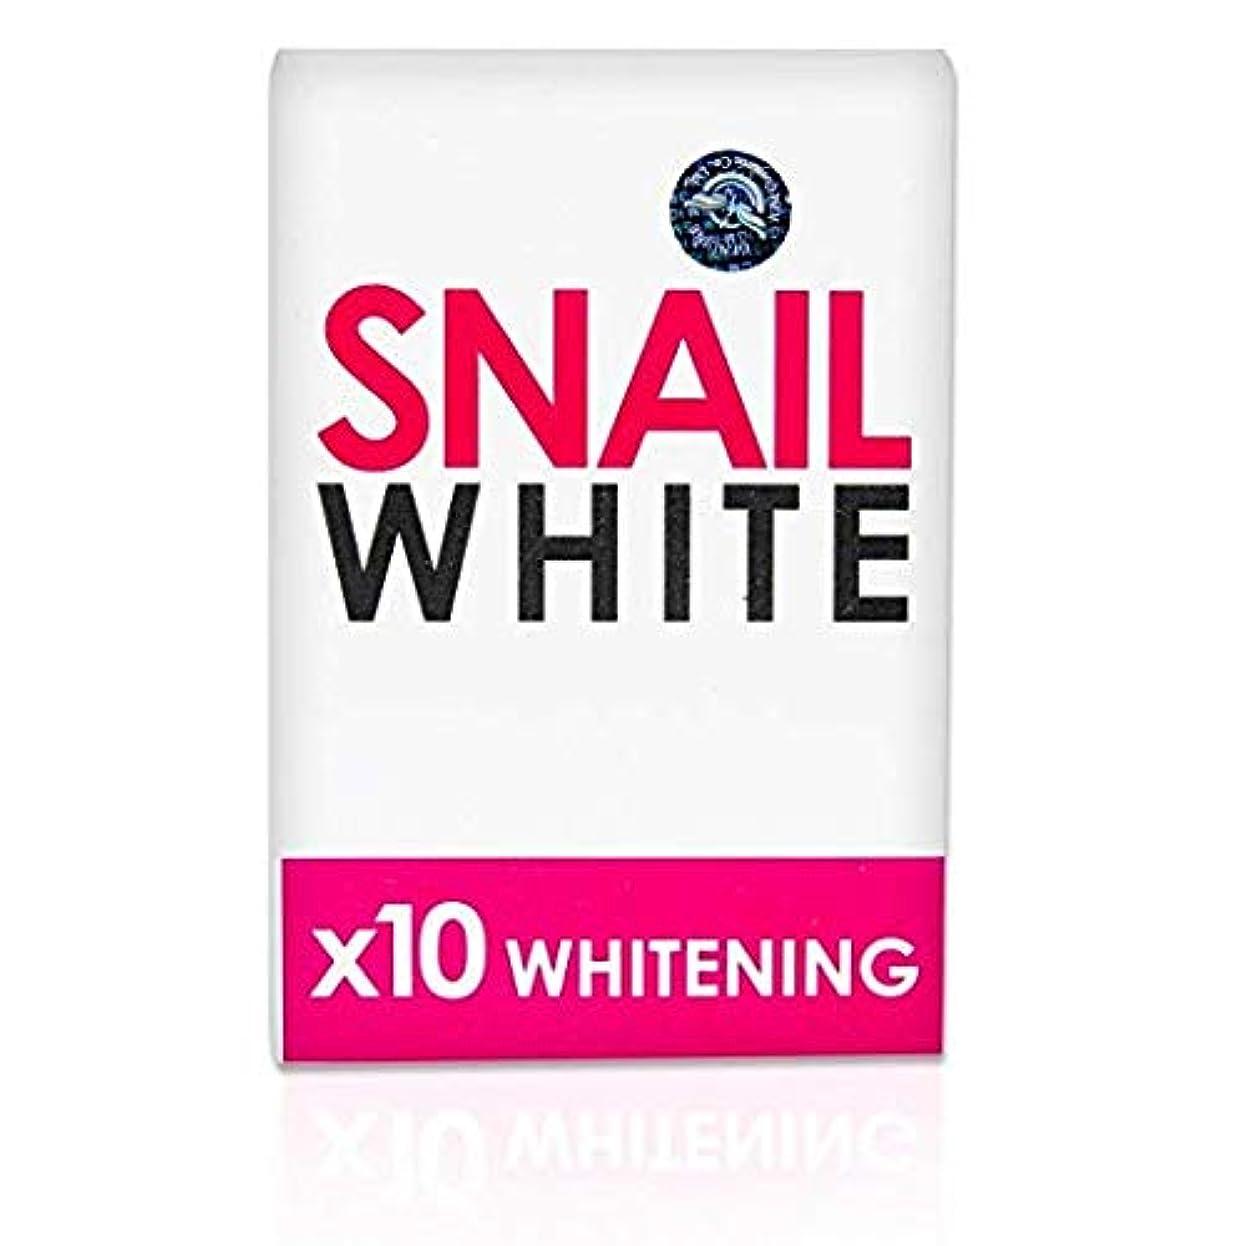 緩む自動化殺しますスネイルホワイト Gluta Snail White x10 Whitening by Dream ホワイトニング 固形石鹸 2個